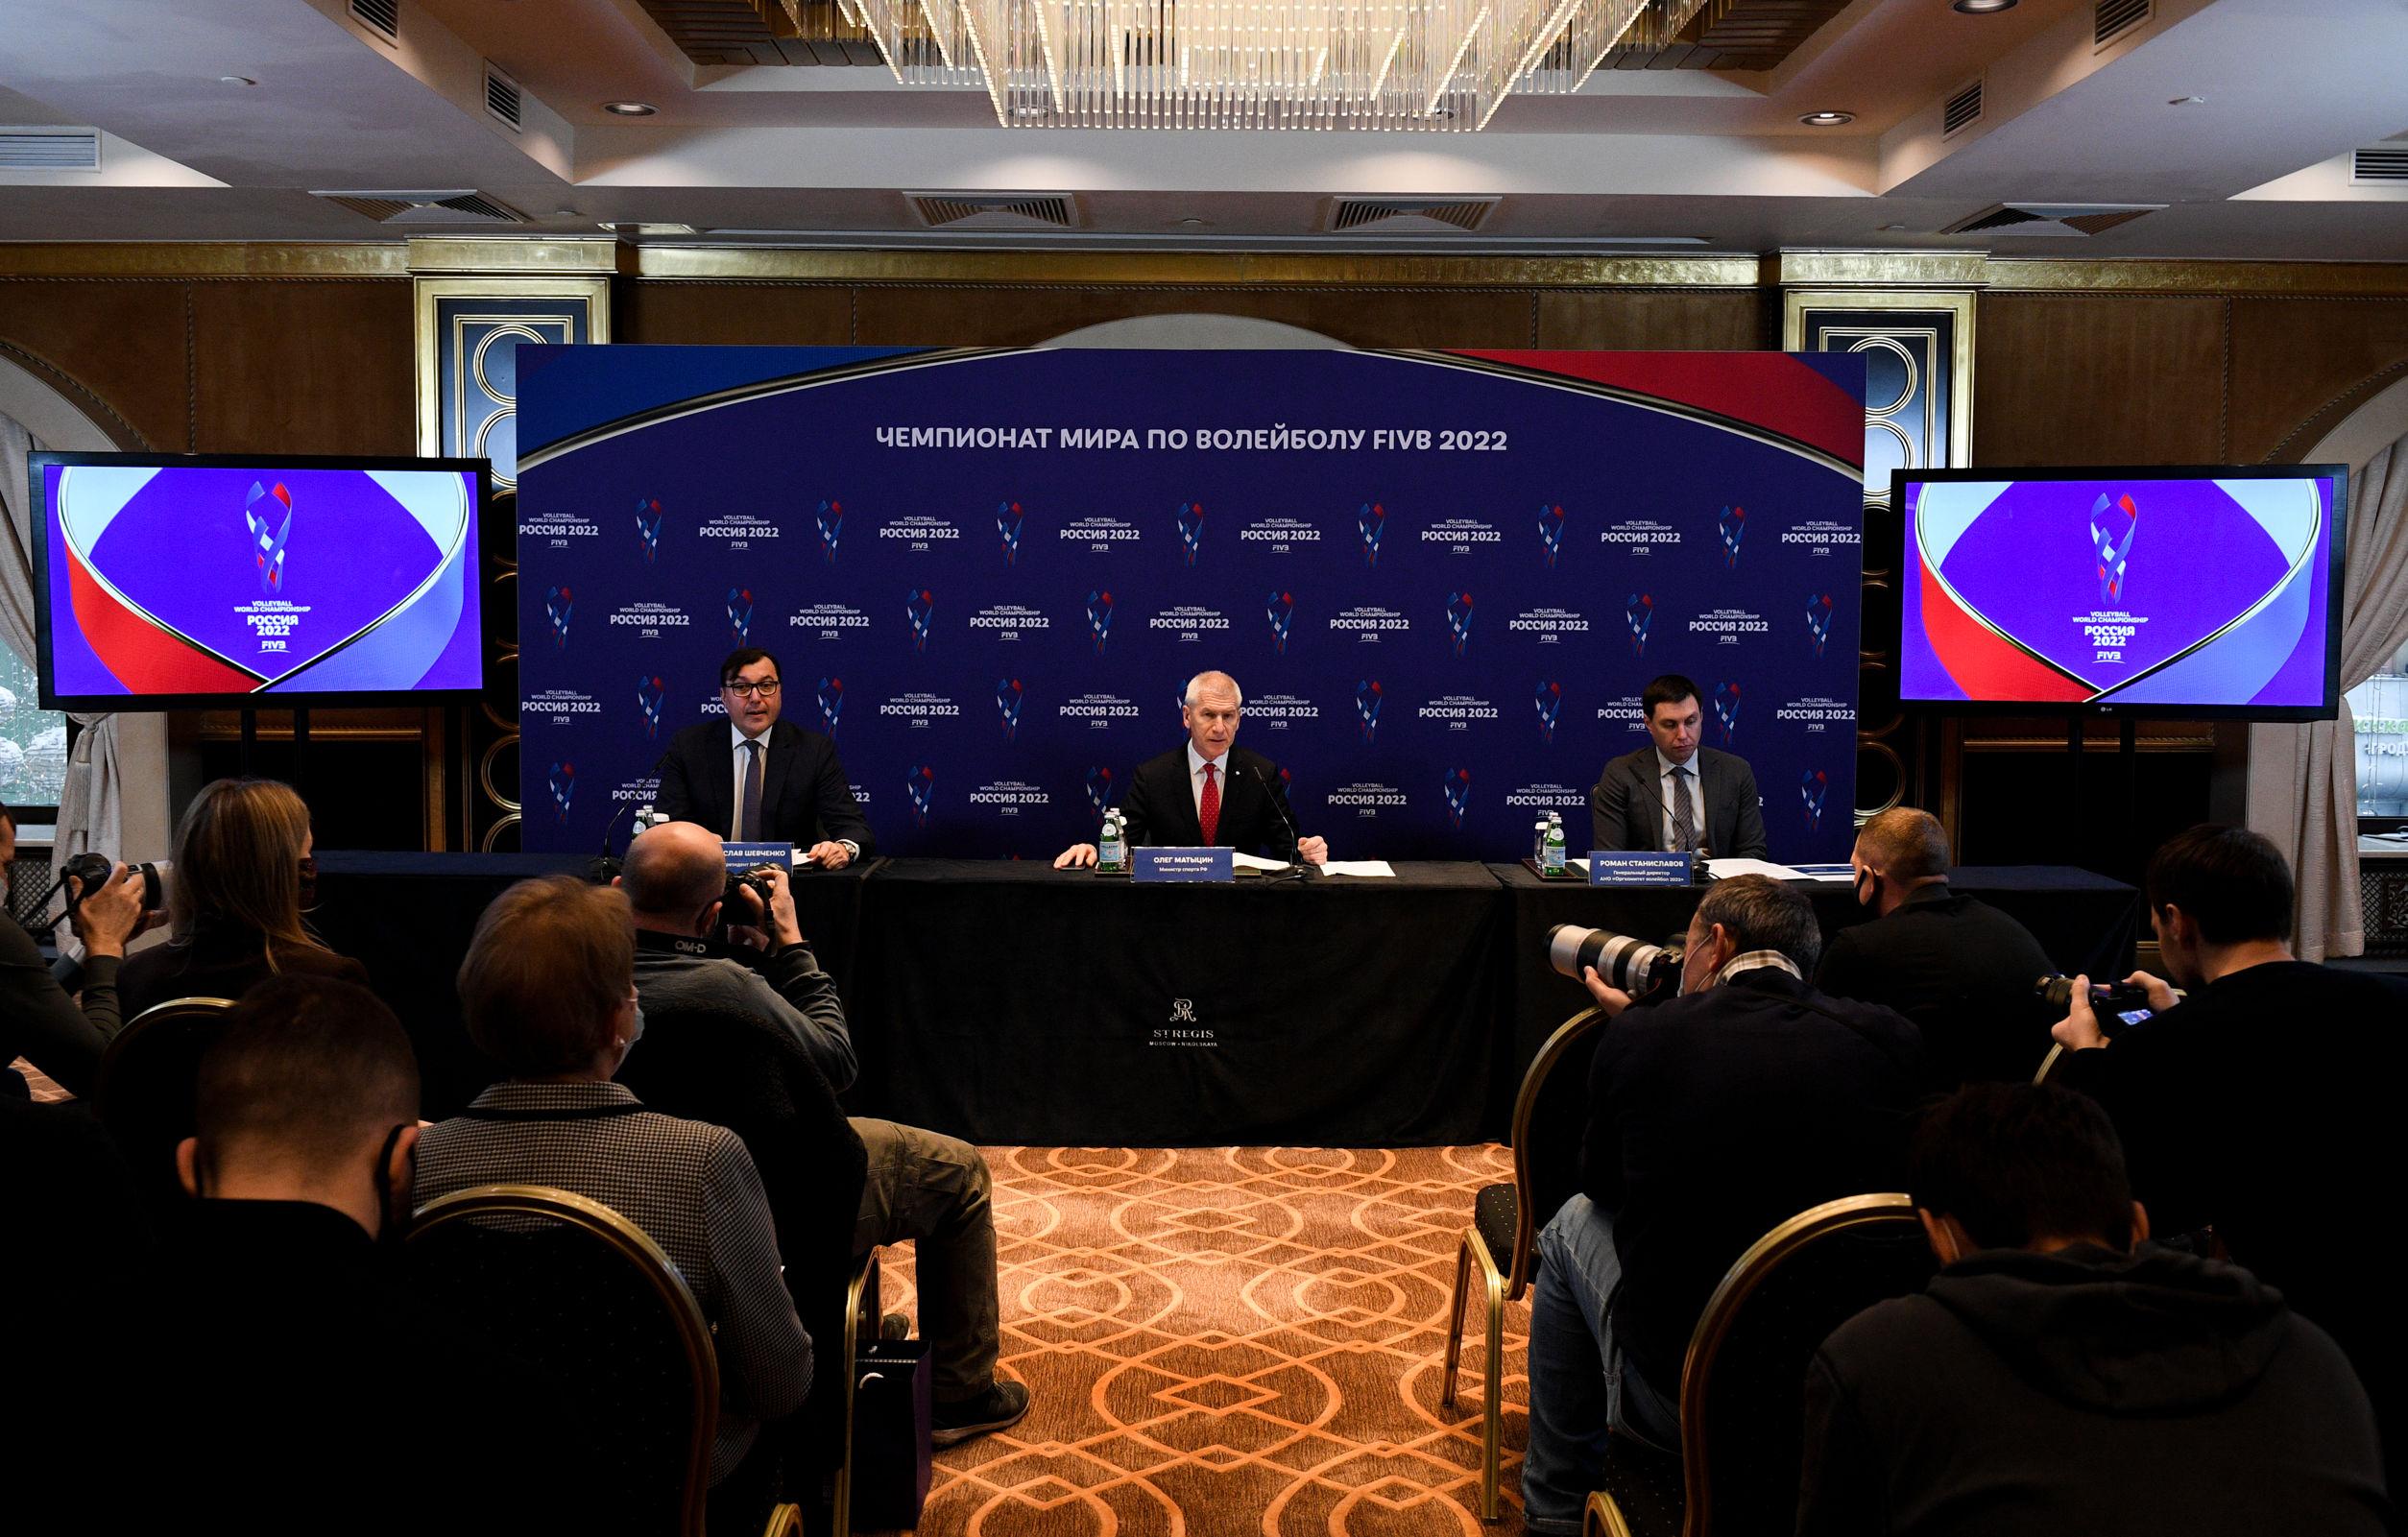 Международная федерация волейбола представила логотип чемпионата мира – 2022 для Ярославля